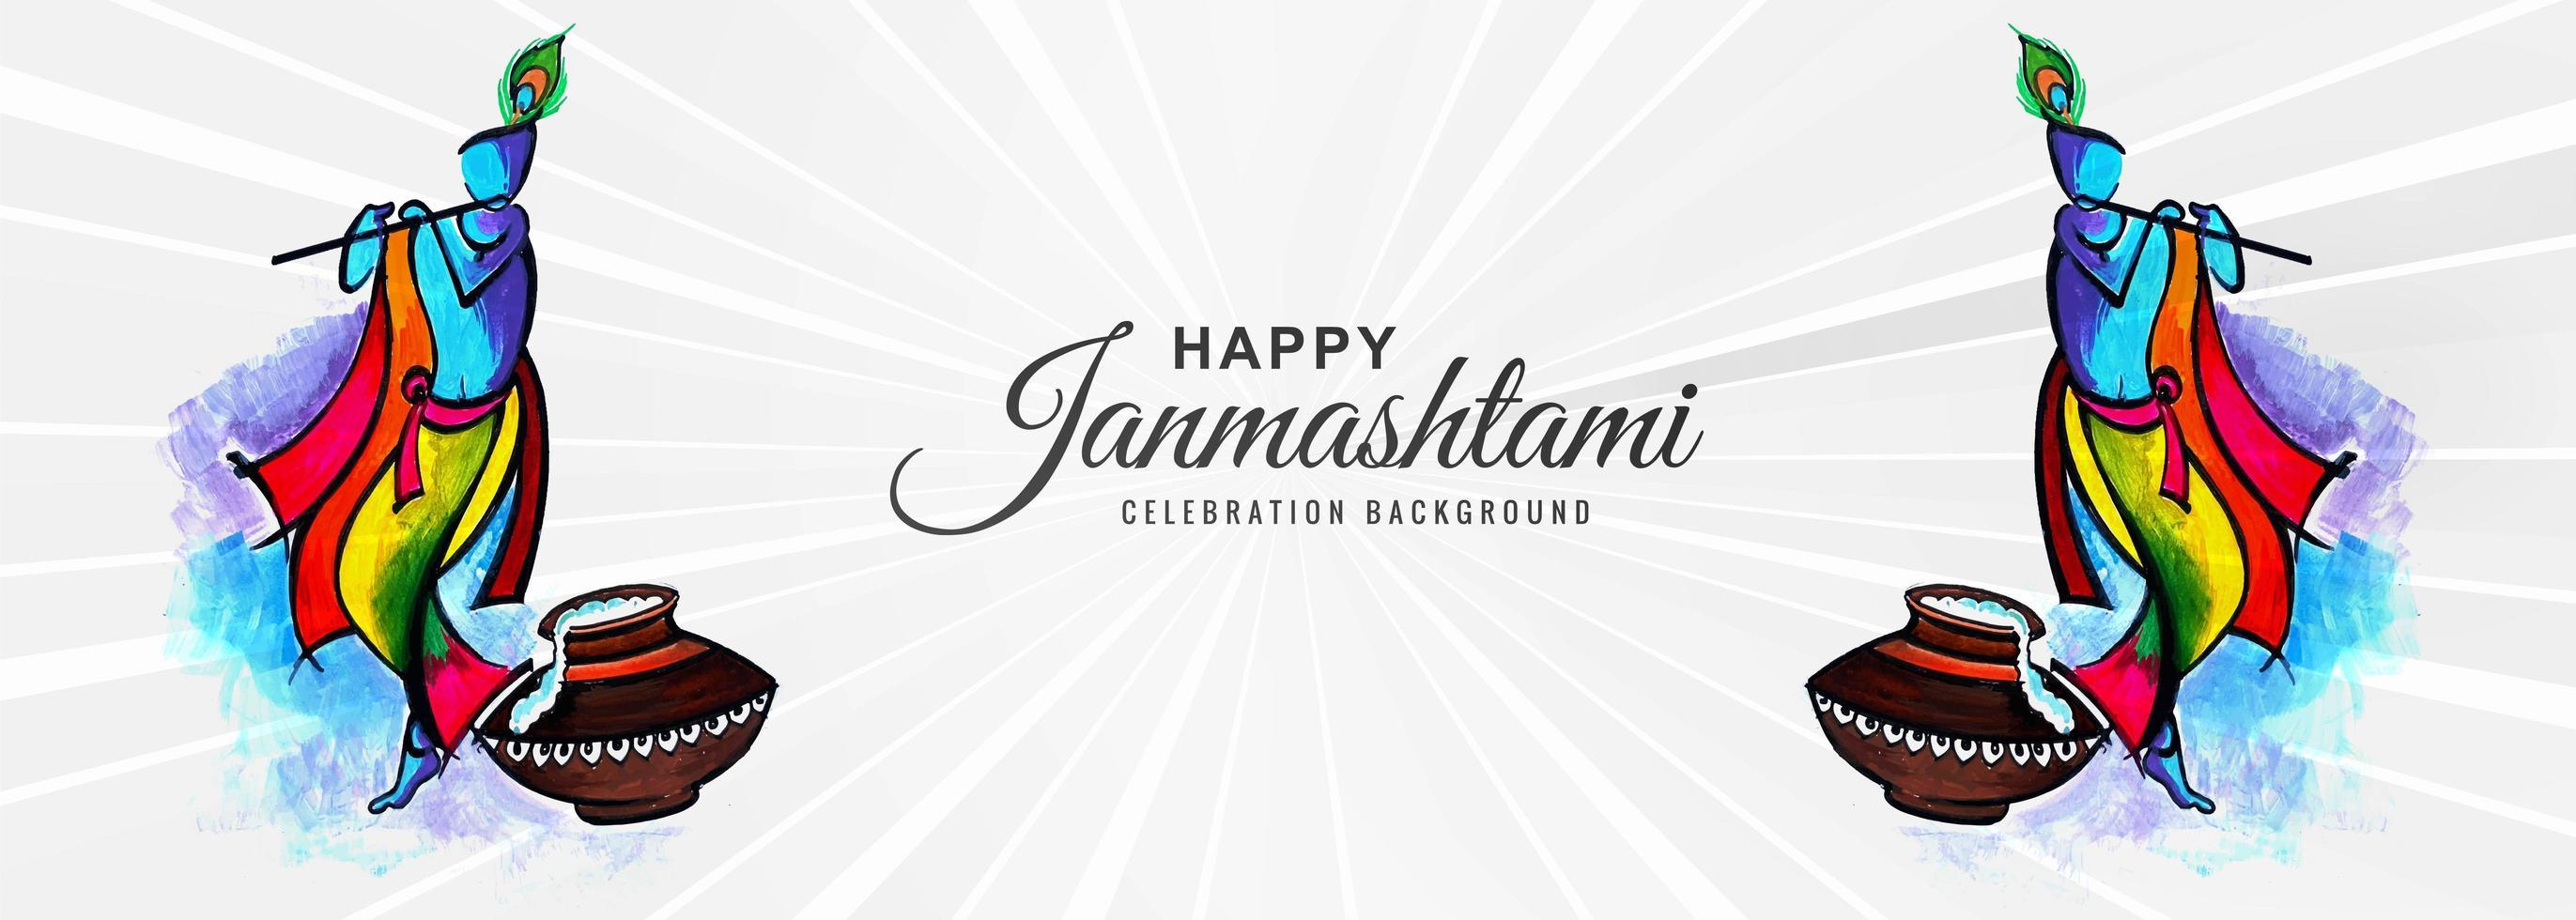 banner sunburst grigio festival shree krishna janmashtami vettore